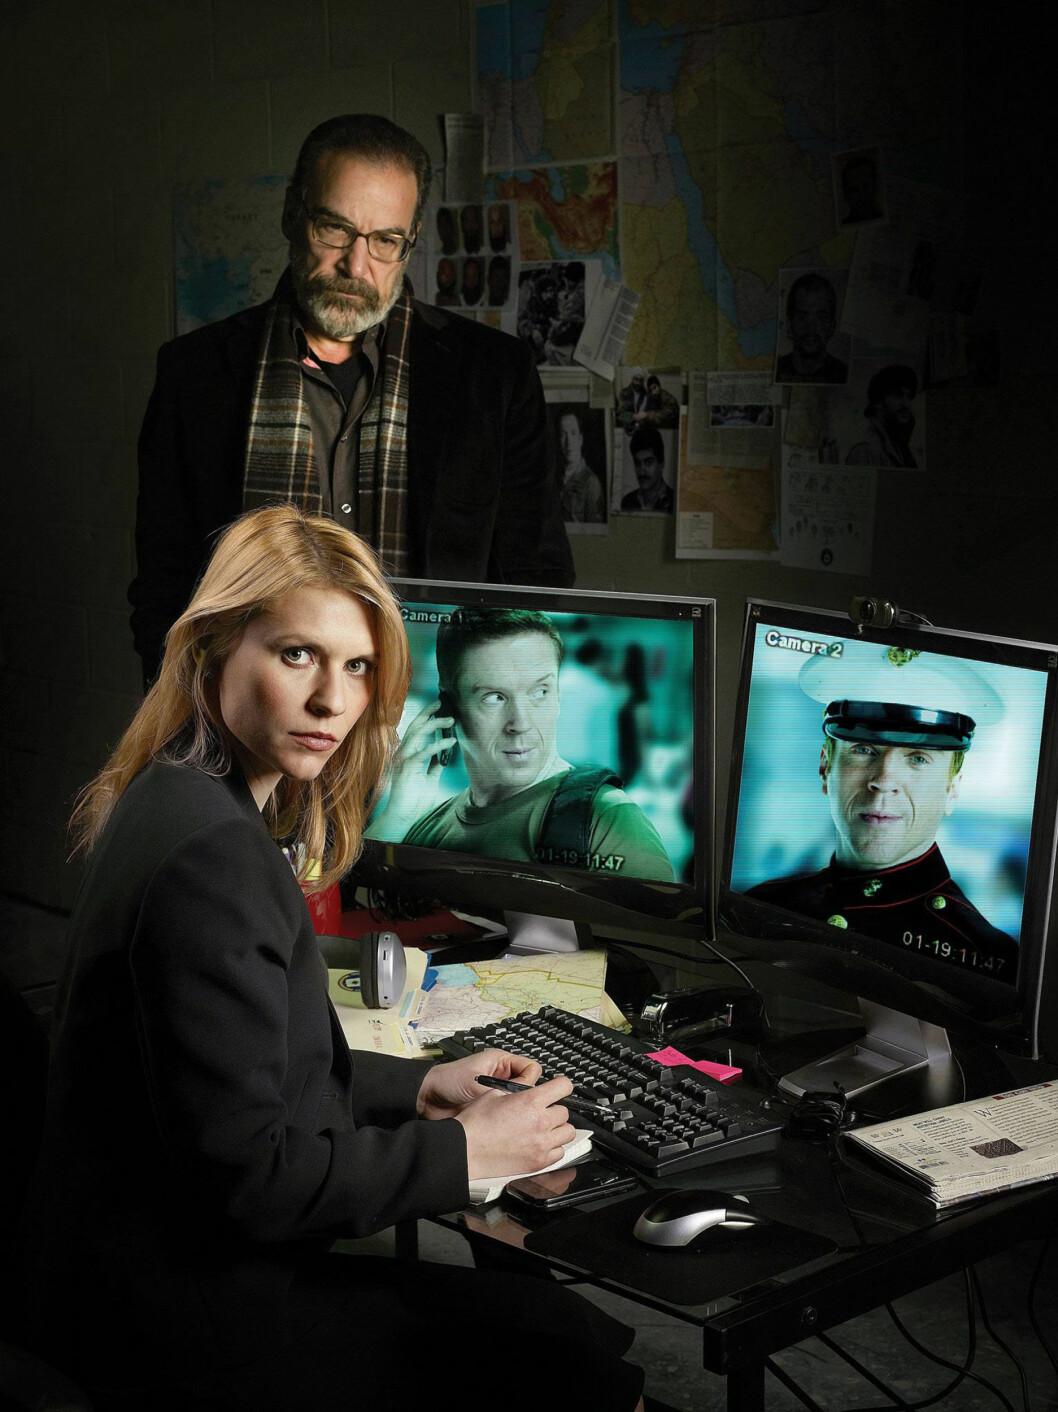 SUKSESS: Danes har vunnet en rekke priser for sin rolle som Carrie Mathison i TV-serien Homeland. Her med motspilleren Mandy Patinkin.